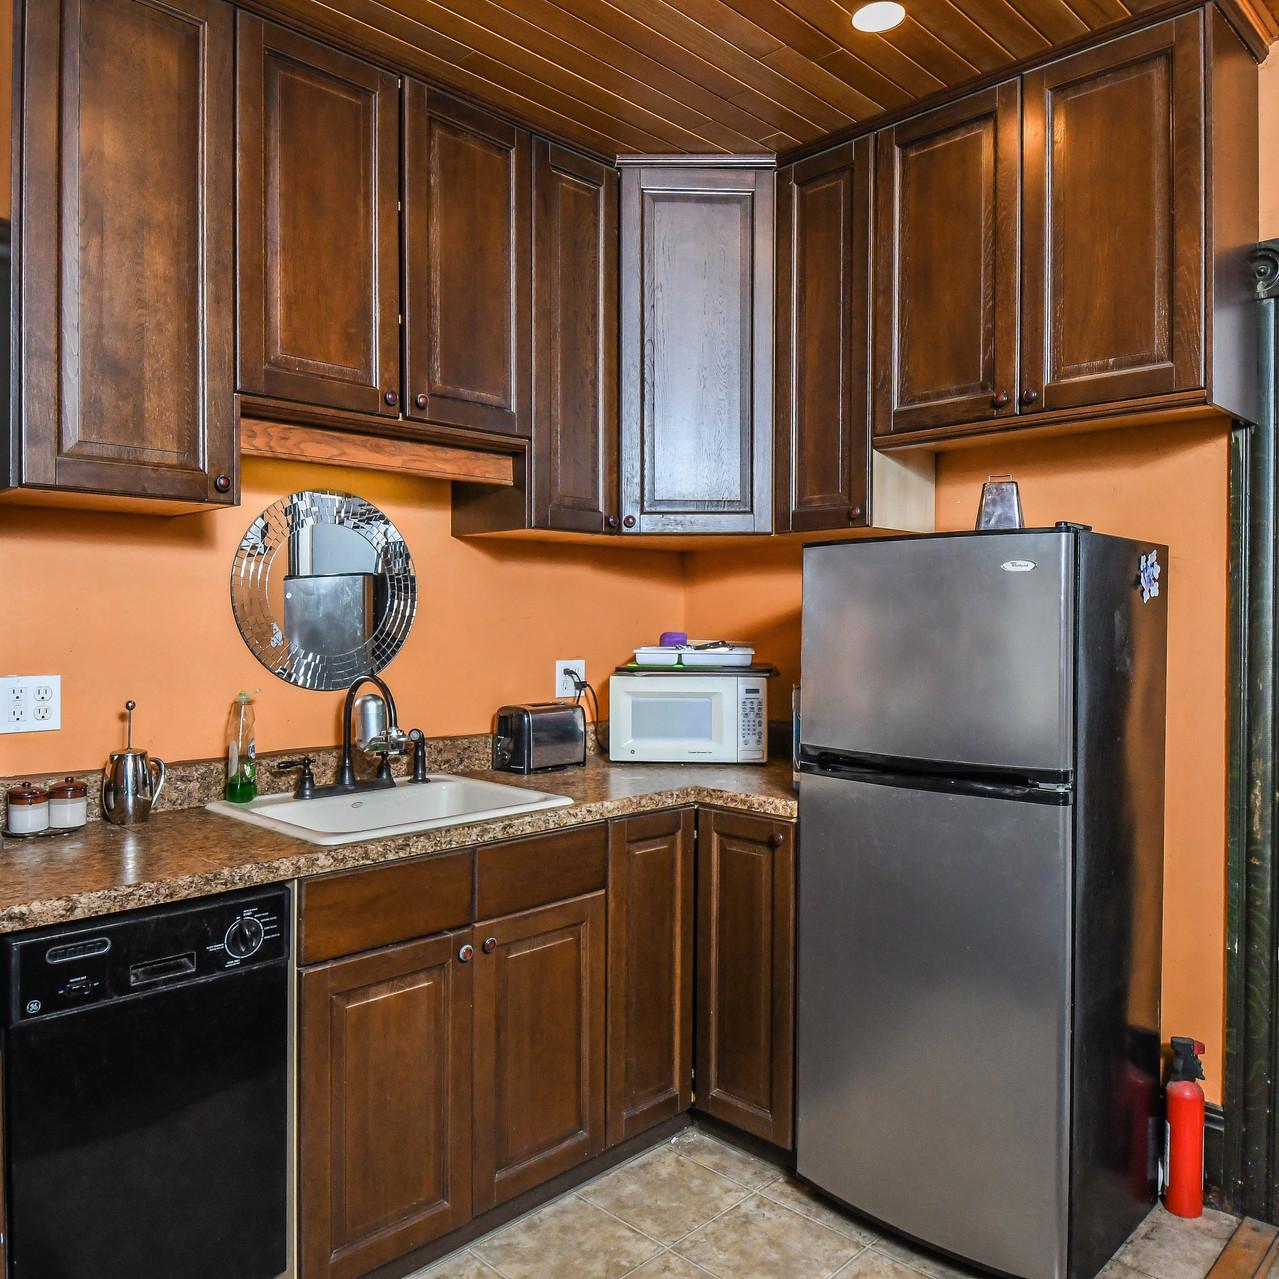 639WATERST_kitchen-5894_realestate